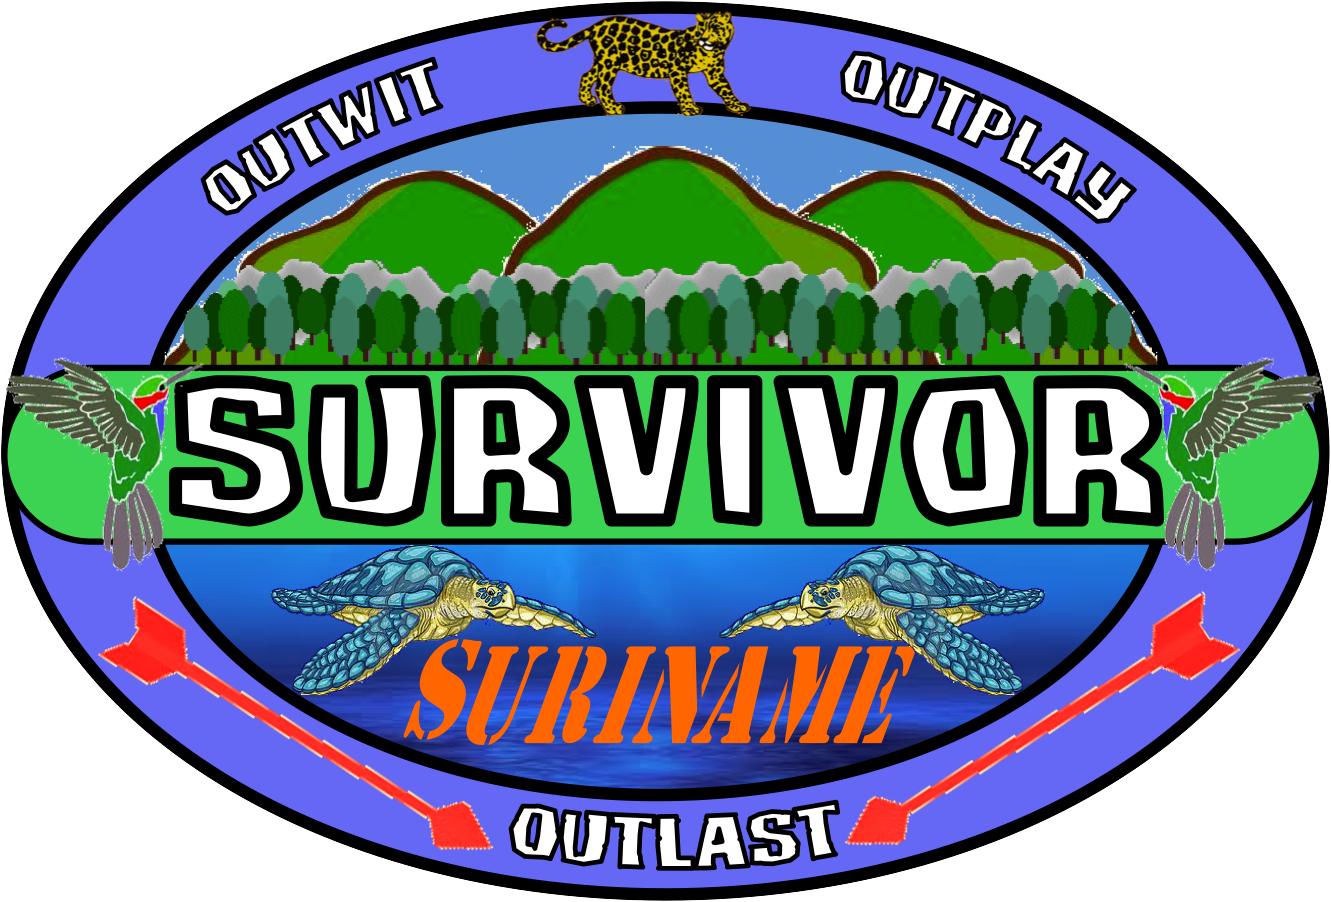 survivor suriname survivor fanon wiki fandom powered by wikia rh survivorfanon wikia com survivor logo maker free